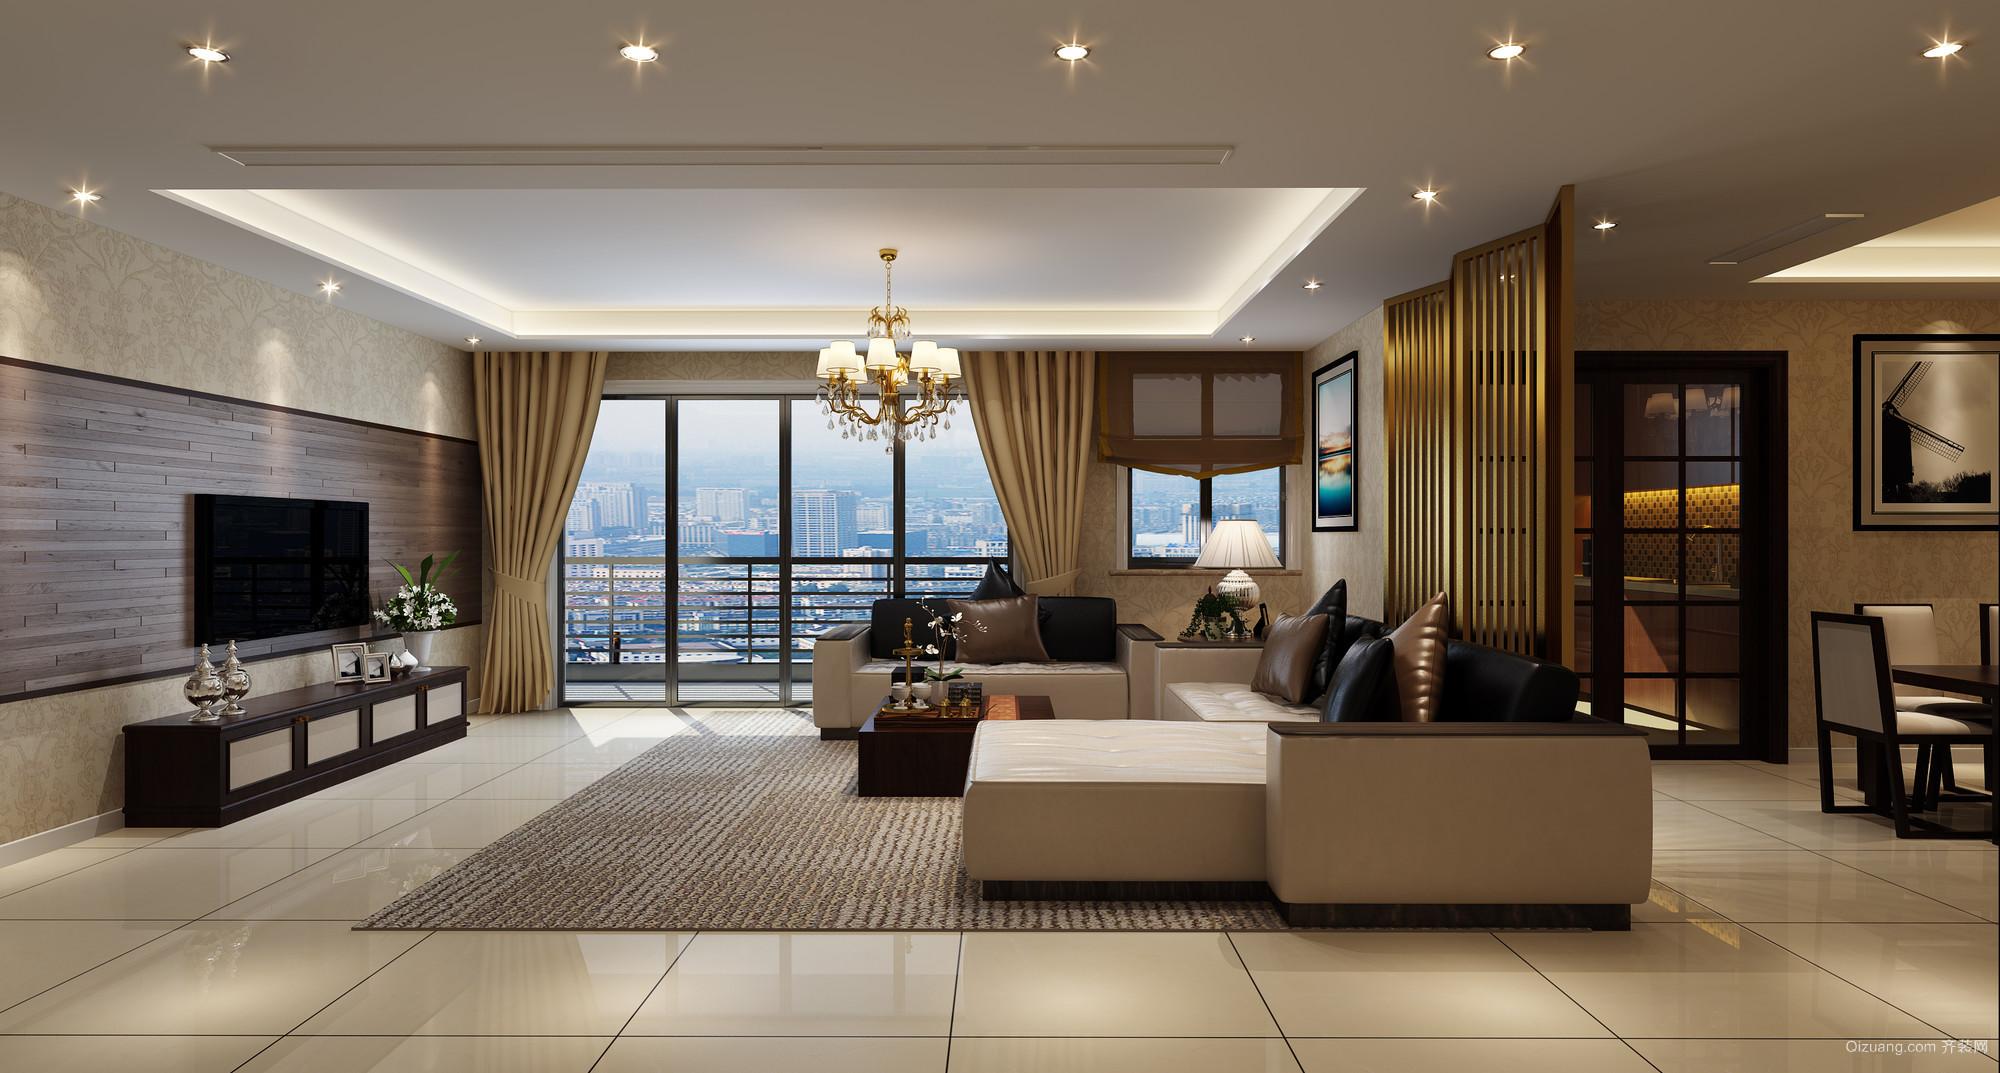 绿城公寓锦兰混搭风格装修效果图实景图